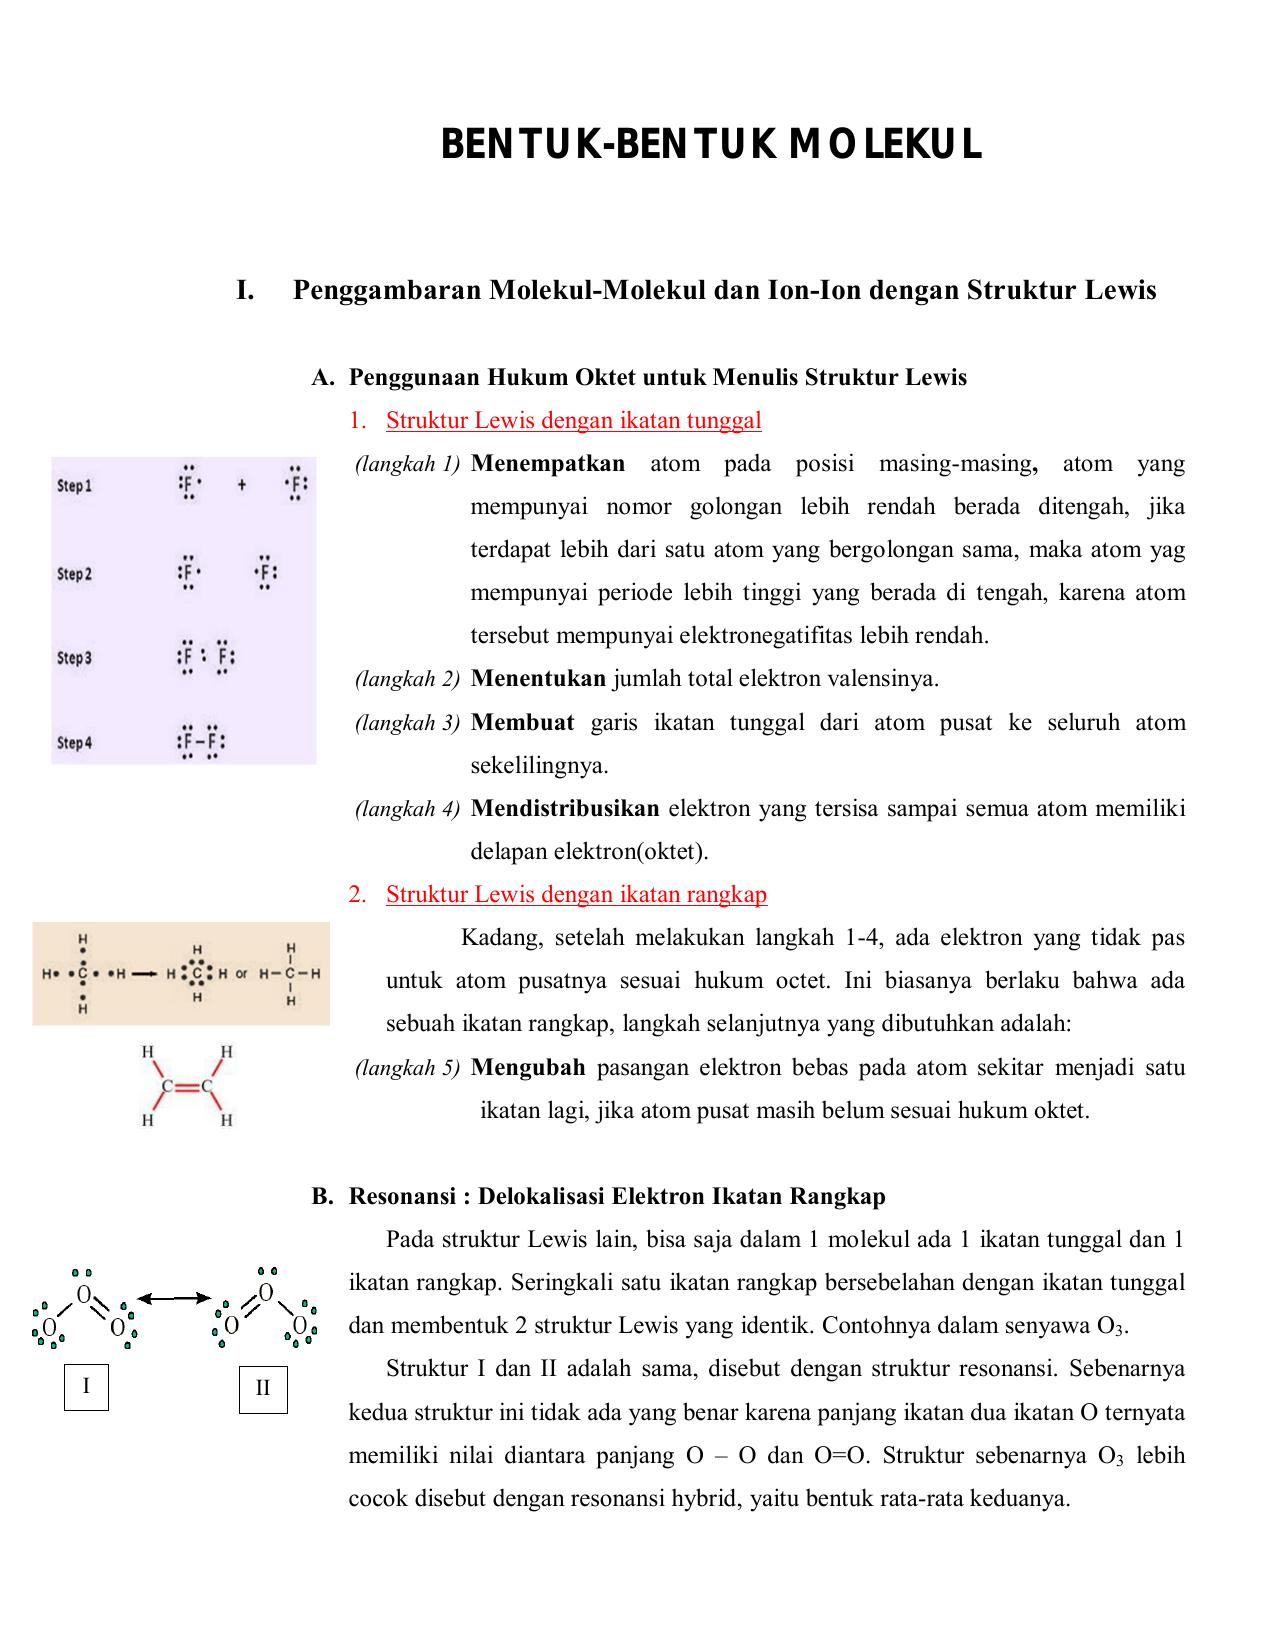 Bentuk Bentuk Molekul Teknik Kimia Undip